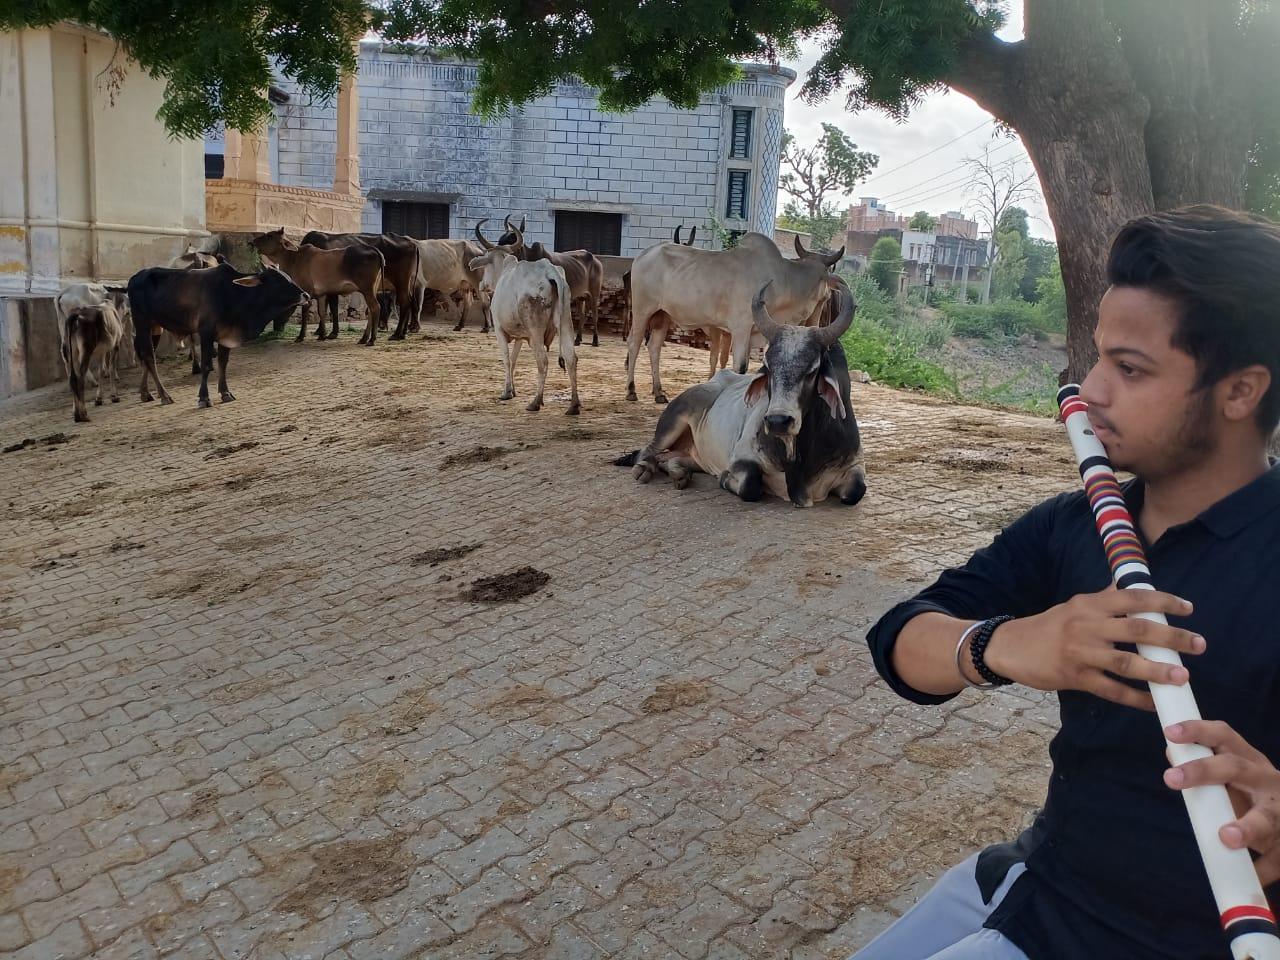 टीवी पर बांसुरी सुनी तो अच्छी लगी, इसके बाद बजाना सीखा, अब जब भी मन करता है बजाता हूं, पढ़ाई की बोरियत भी दूर हो जाती है|राजस्थान,Rajasthan - Dainik Bhaskar